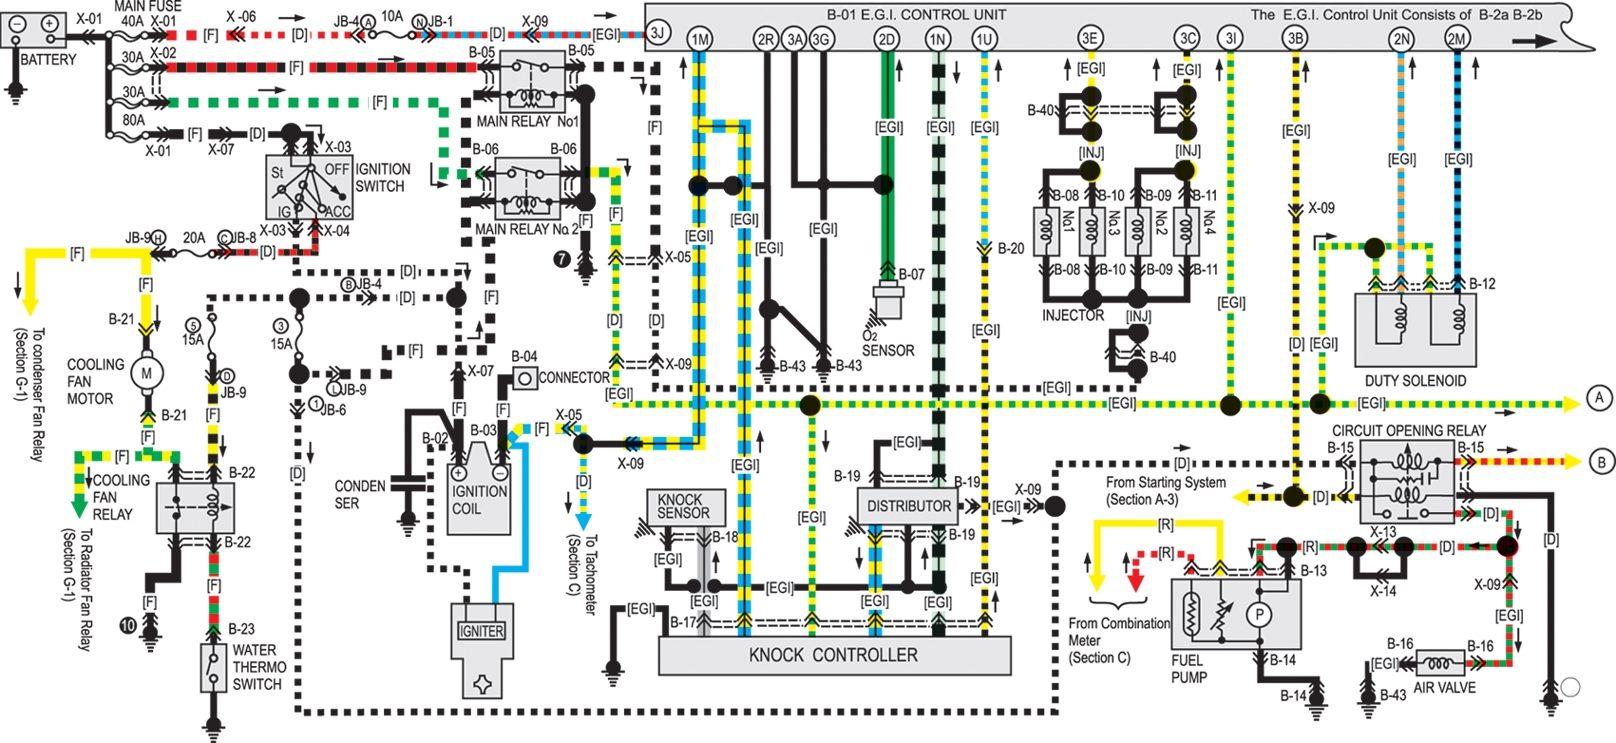 Автомобиль daewoo nexia характеристики неисправности и способы их устранения нексия схема электрическая соединения...